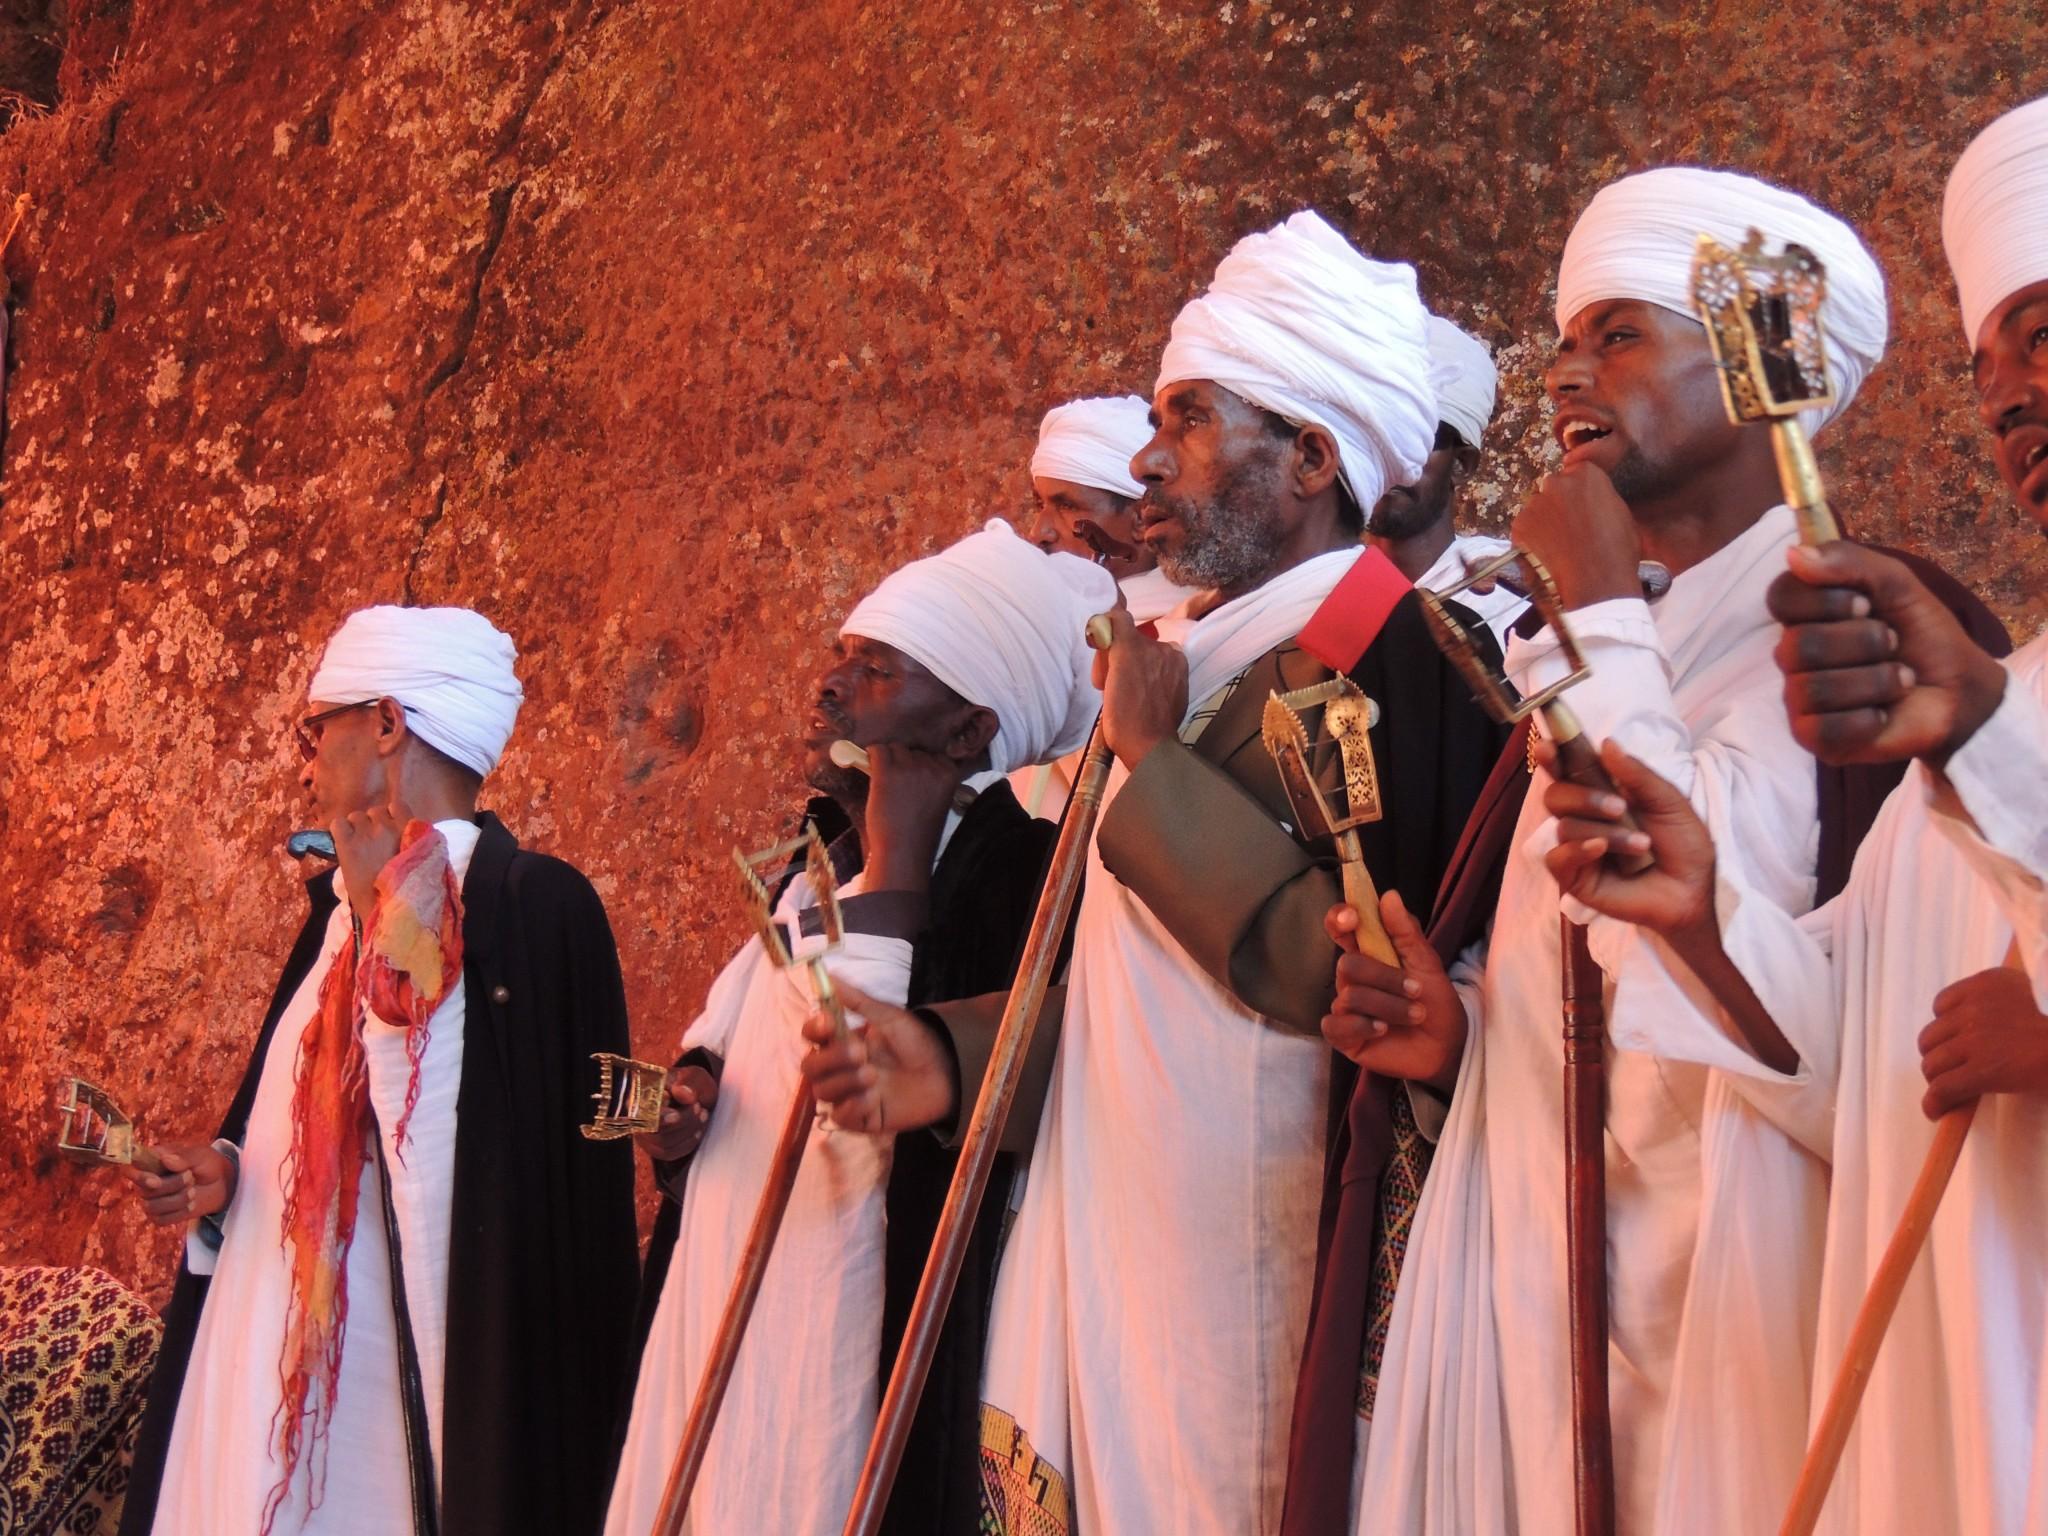 Groepsreis Ethiopië, een land met cultuur, natuur en unieke volkeren11